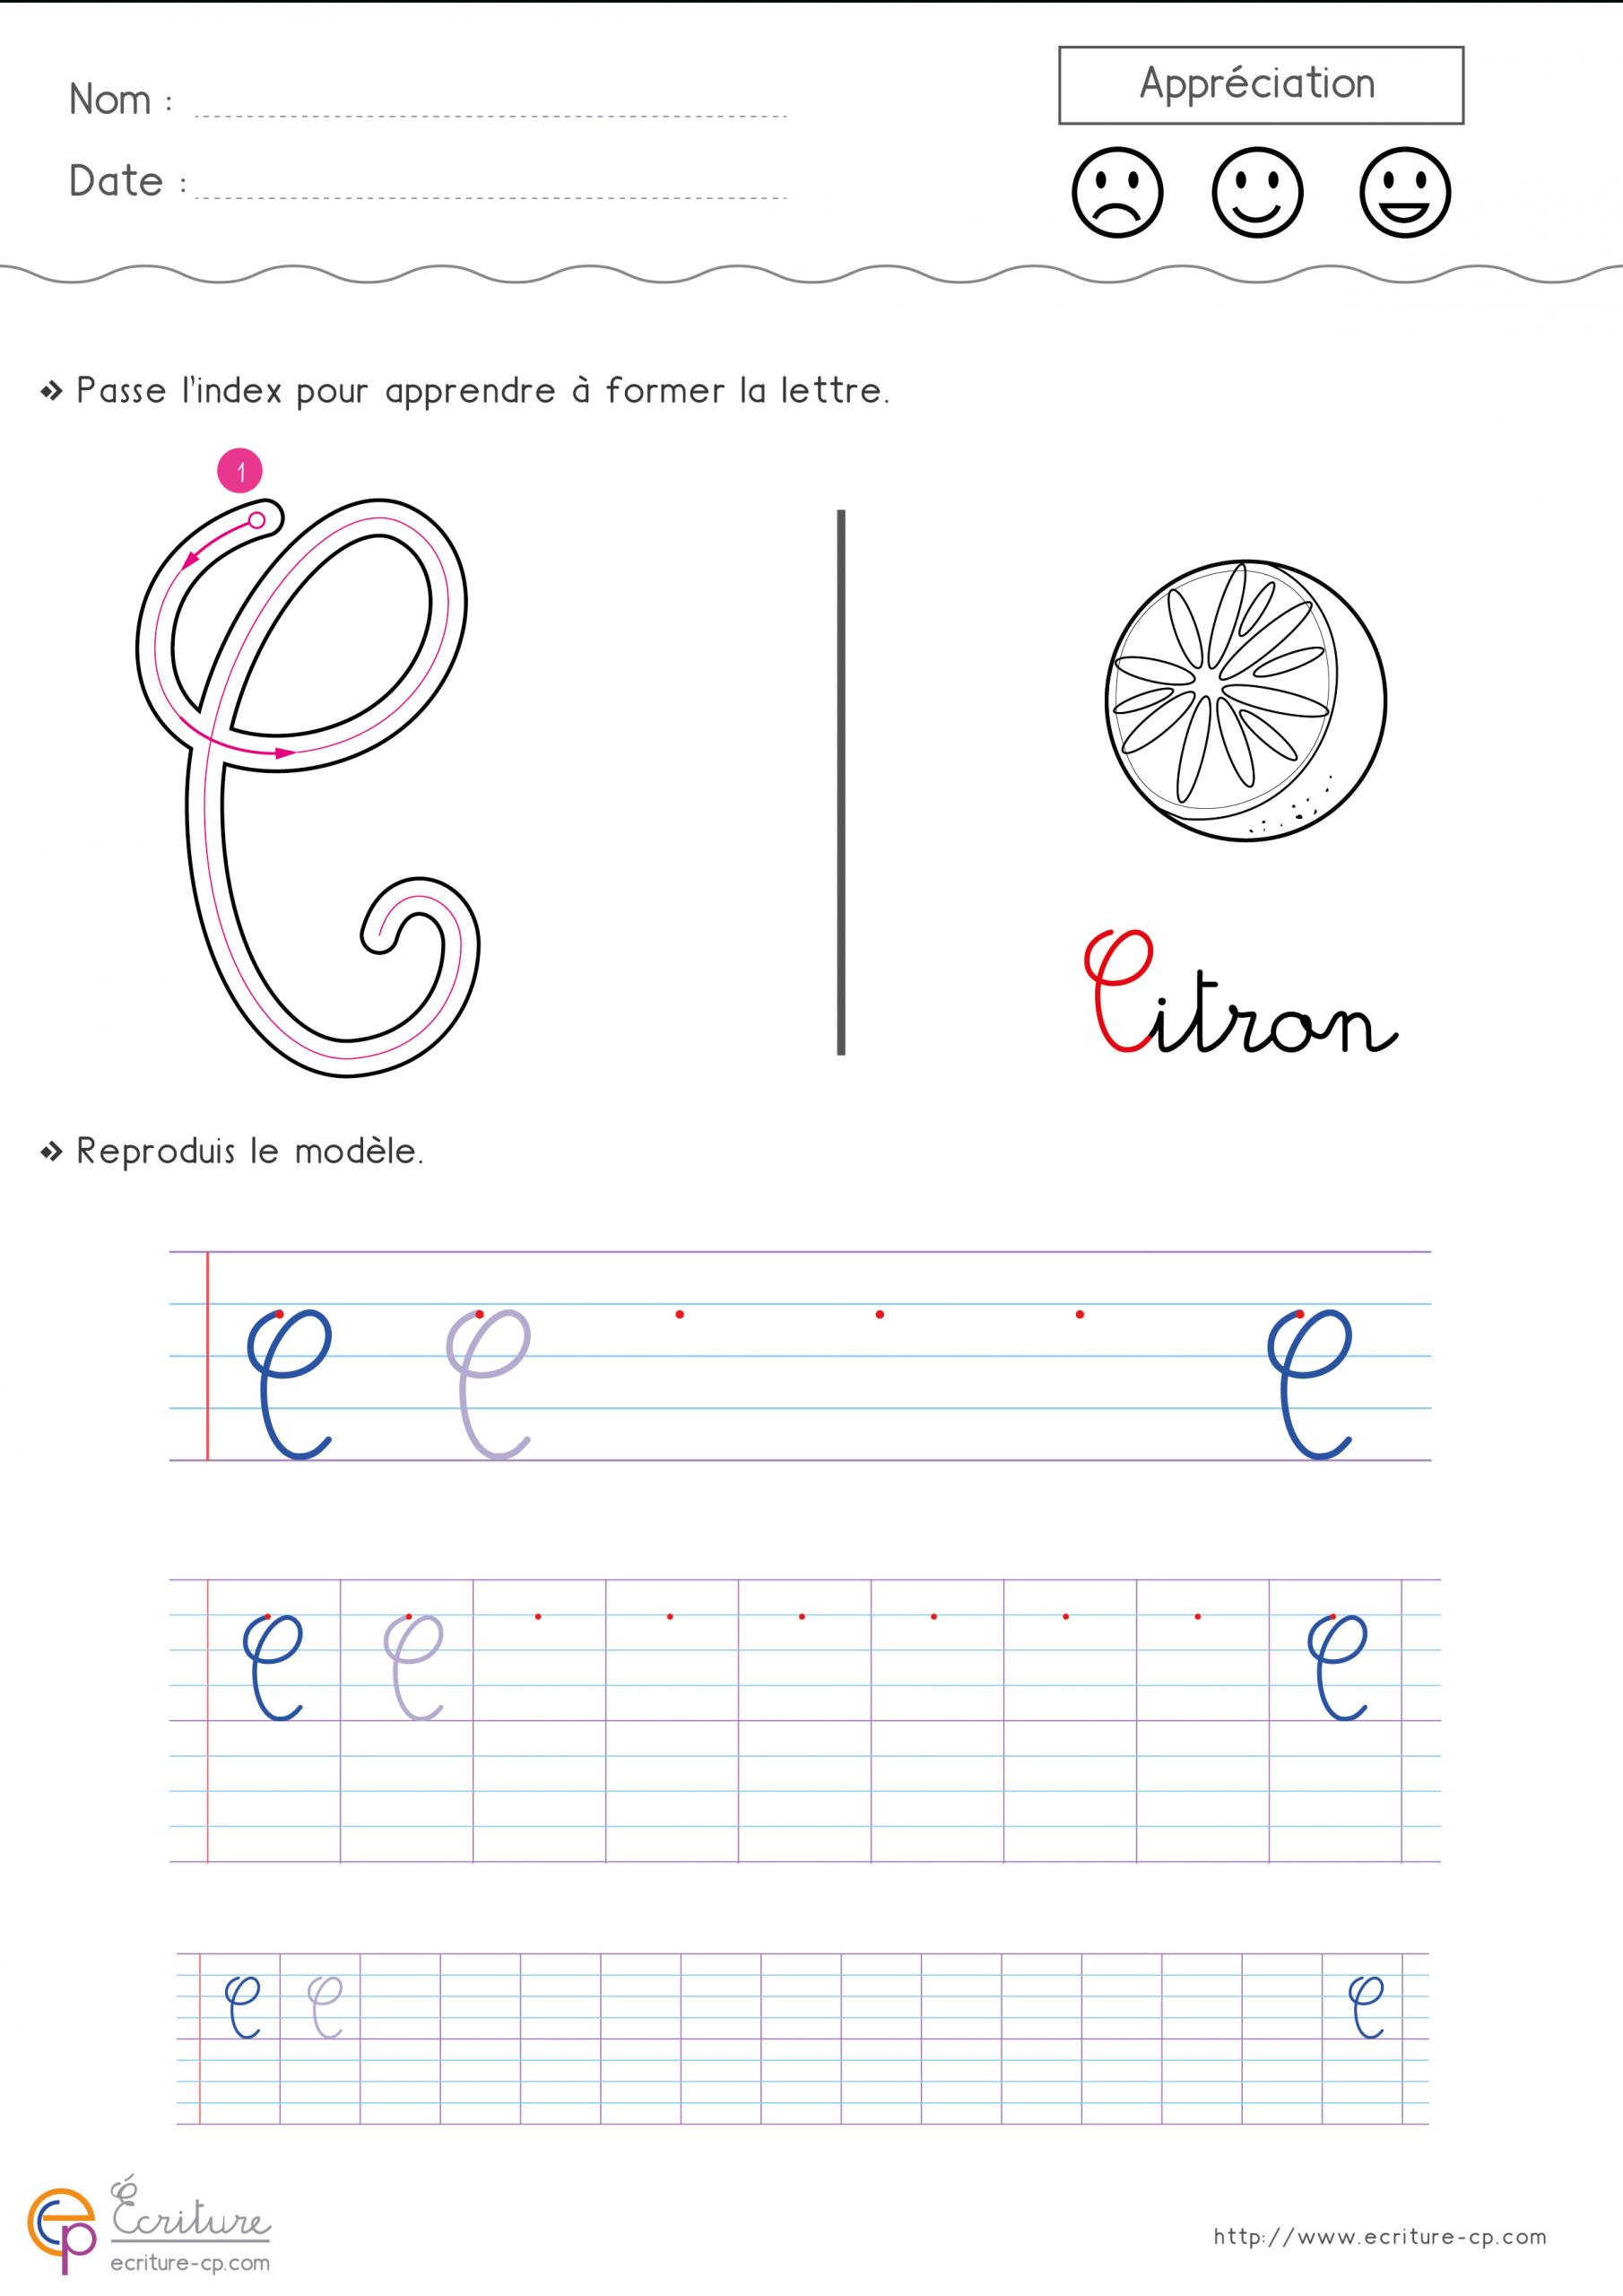 Écrire La Lettre C Minuscule Et Majuscule Cursive Cp Ce1 dedans Apprendre À Écrire Les Lettres En Maternelle